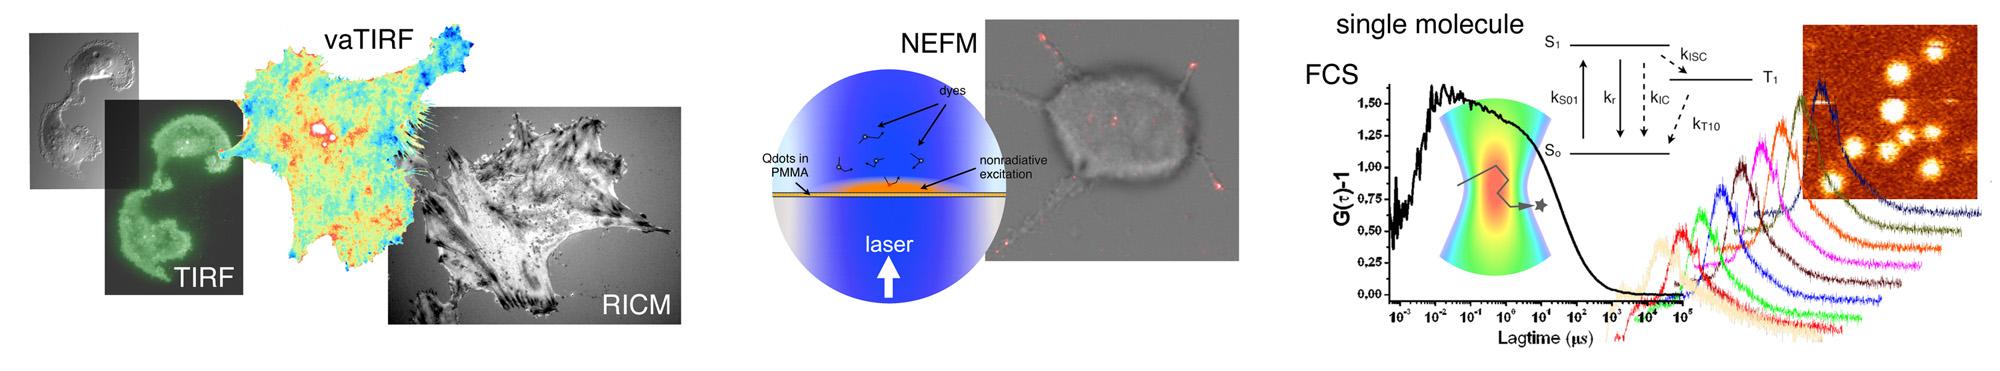 bandeau nanobio